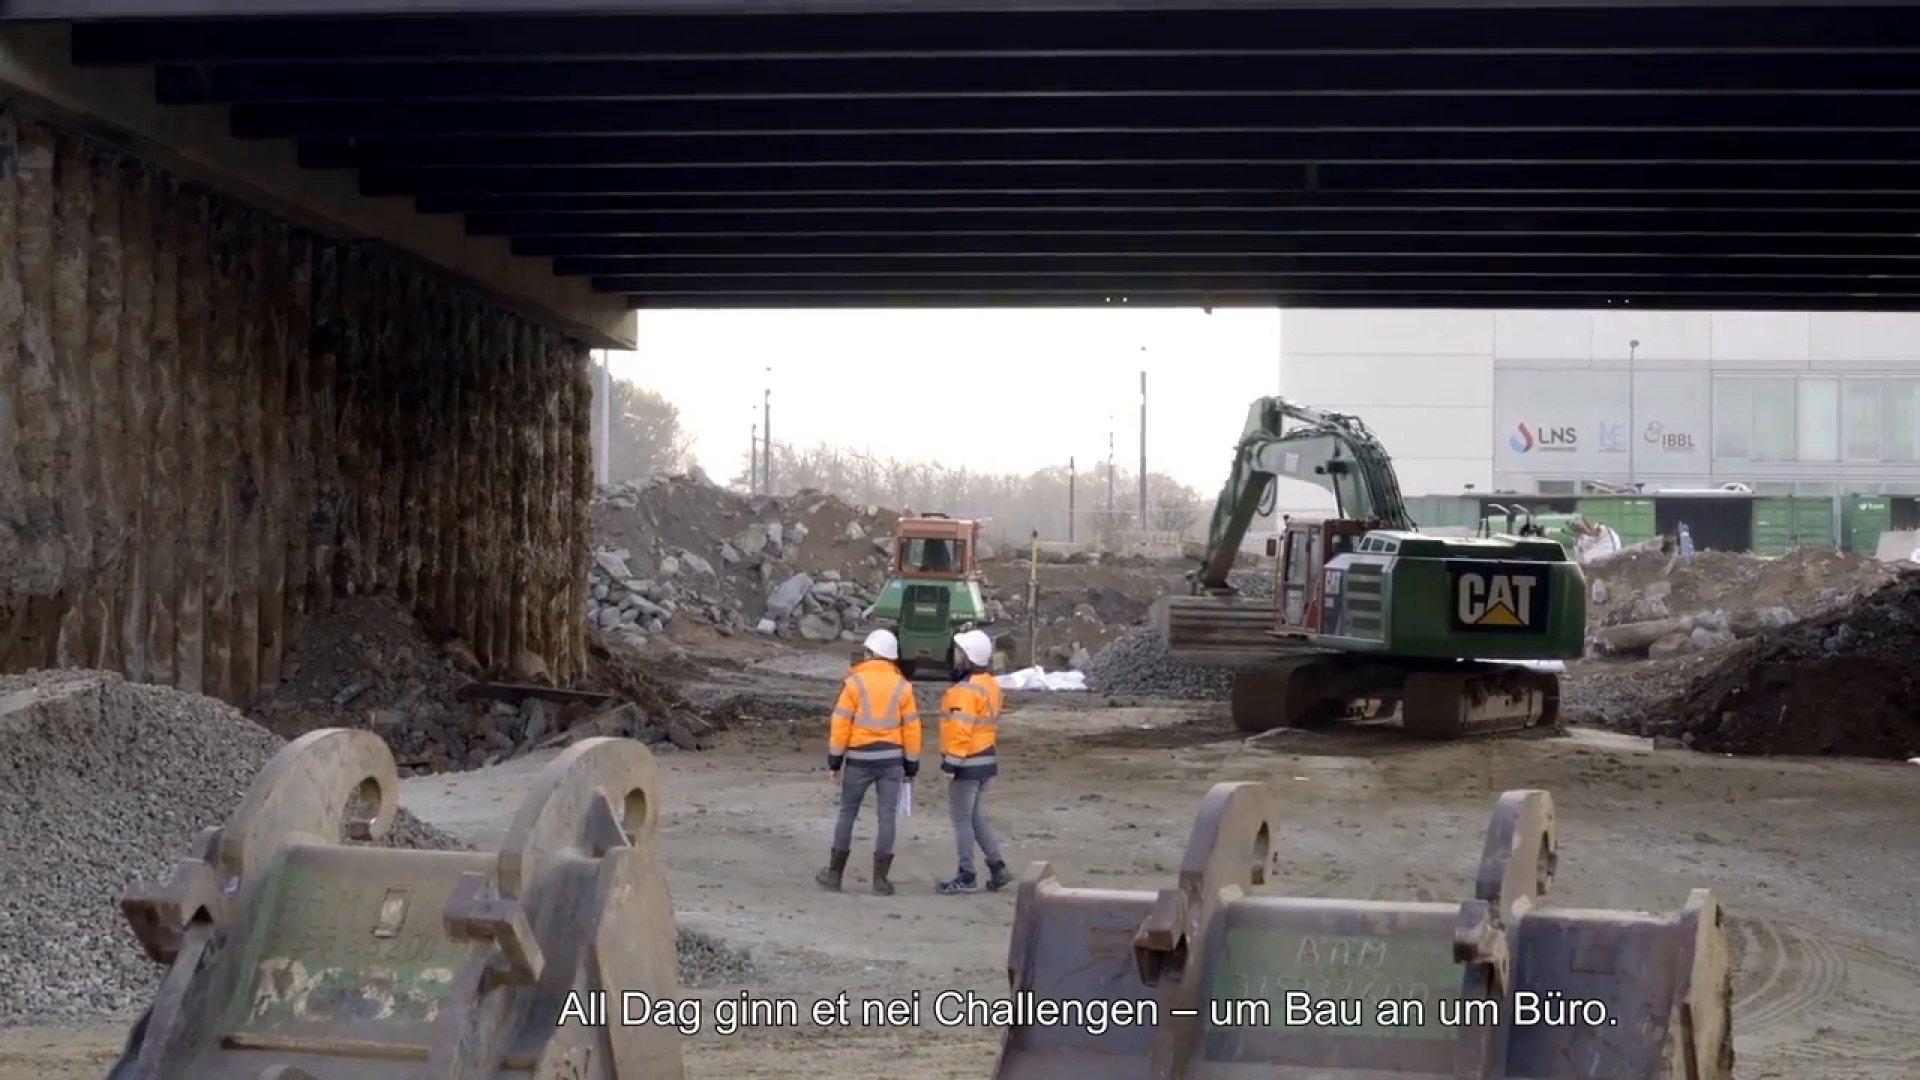 Administration des bâtiments publics Administration des ponts et chaussées - Architecte et Ingénieur